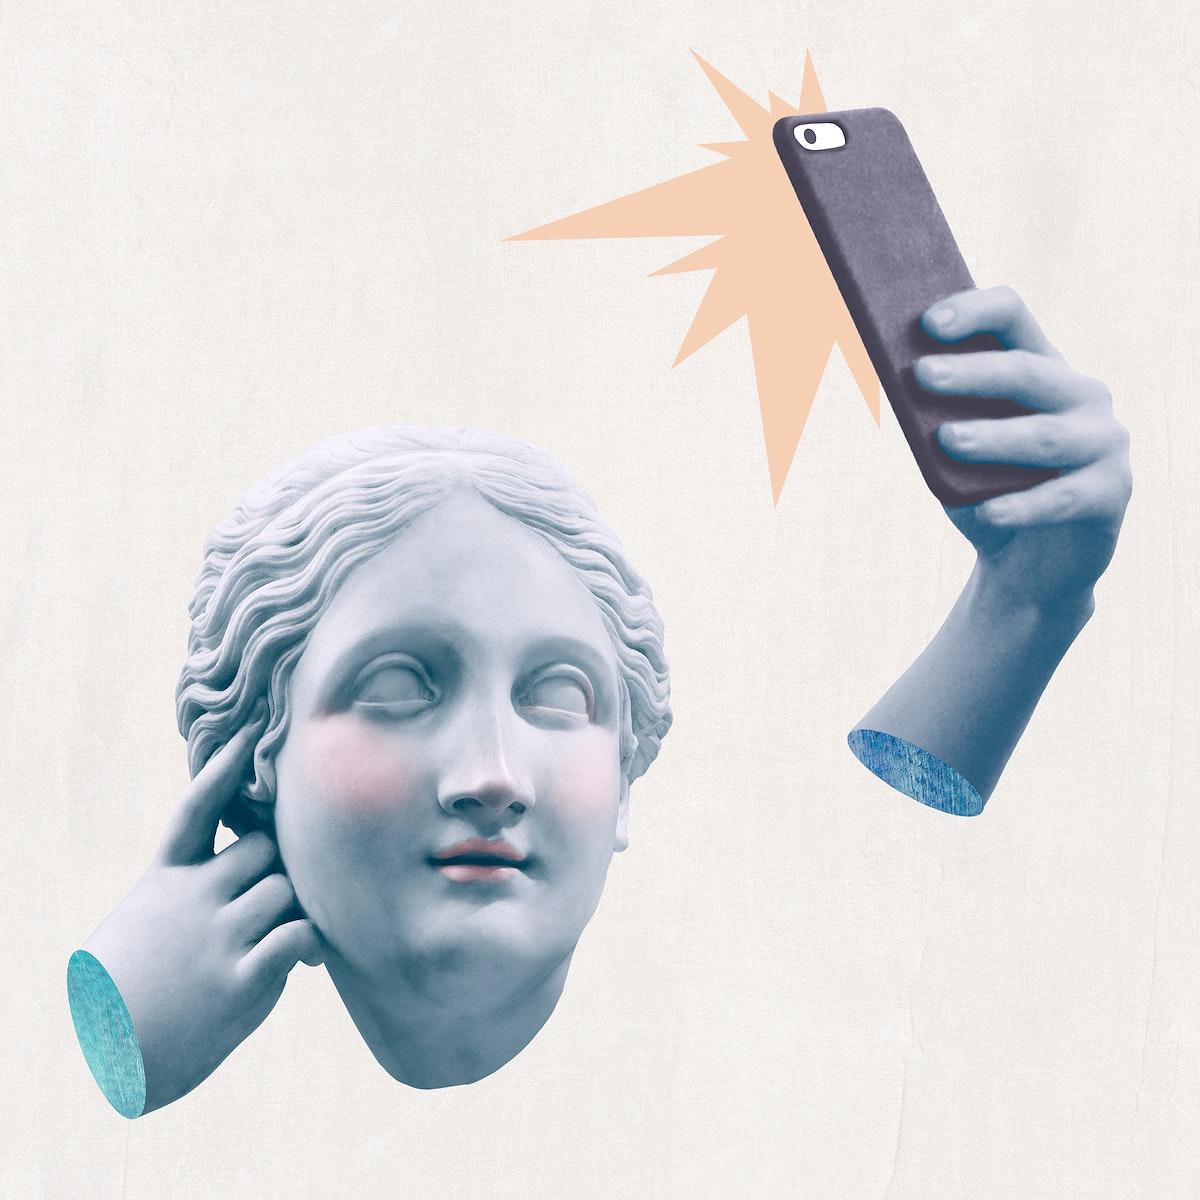 Greek selfie goddess statue social media addiction mixed media